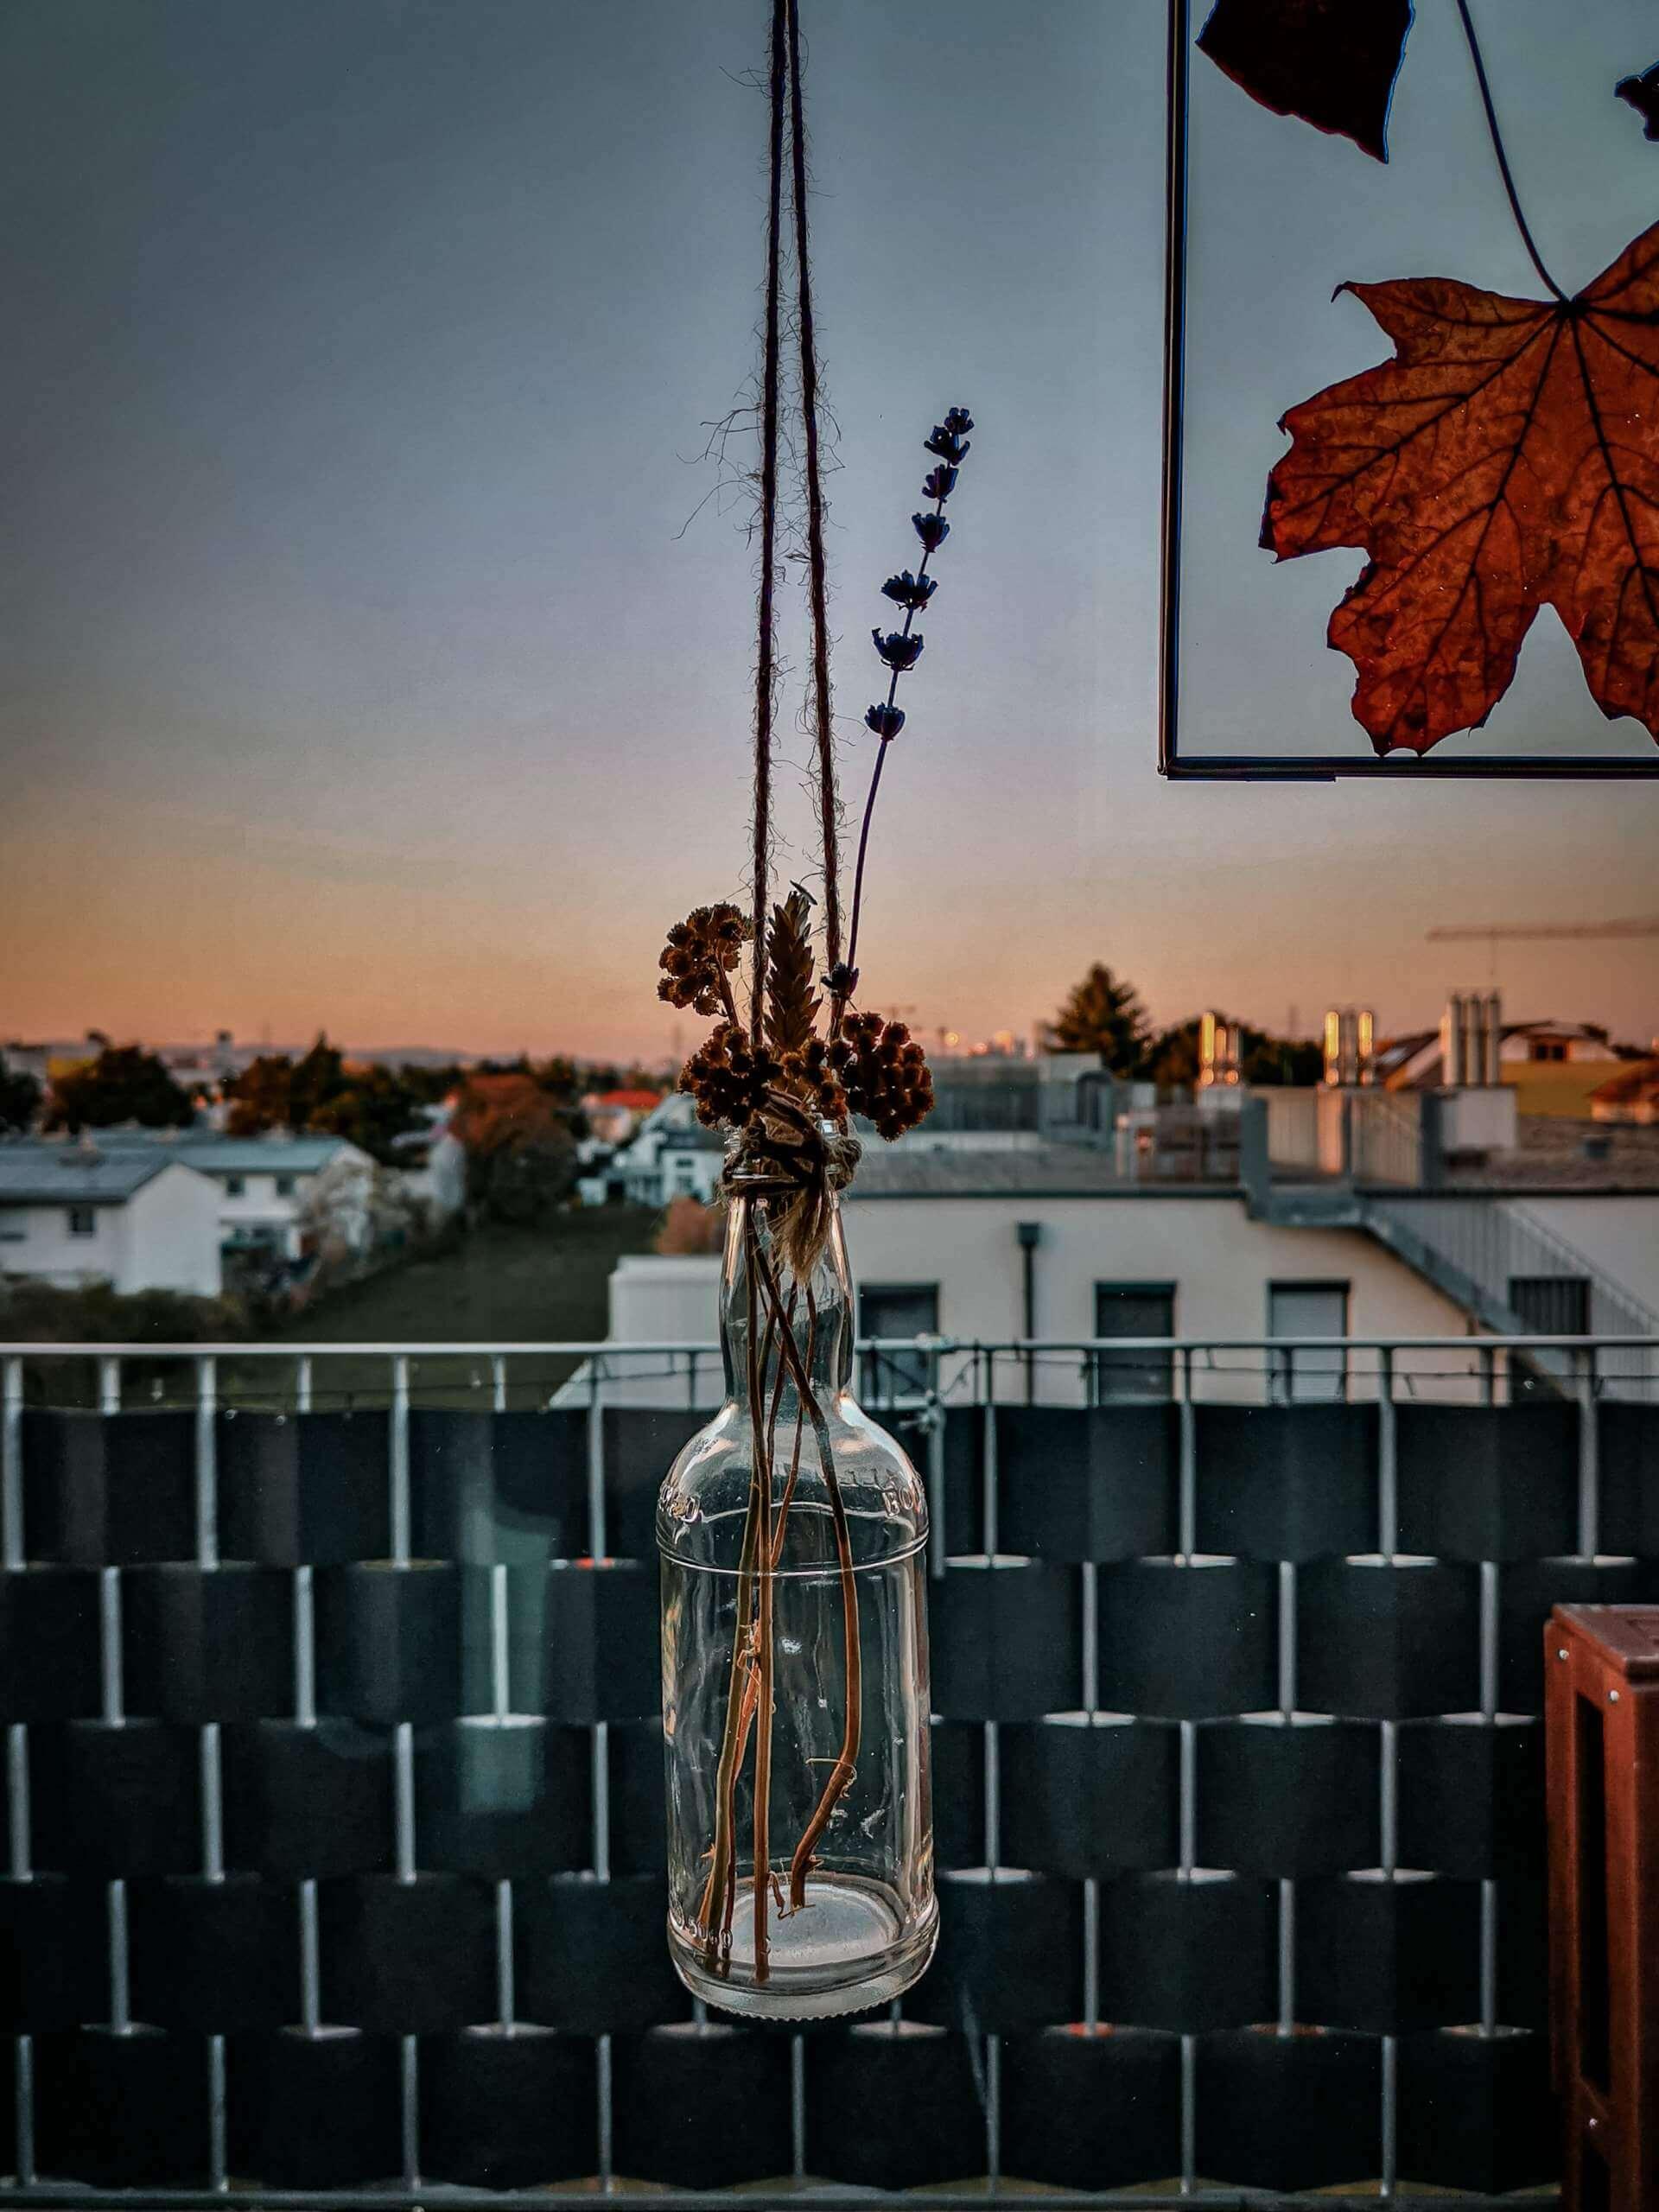 IMG 20200407 191532 2 scaled - Botanický windowstyling: Vymeňte záclony za okenný herbár